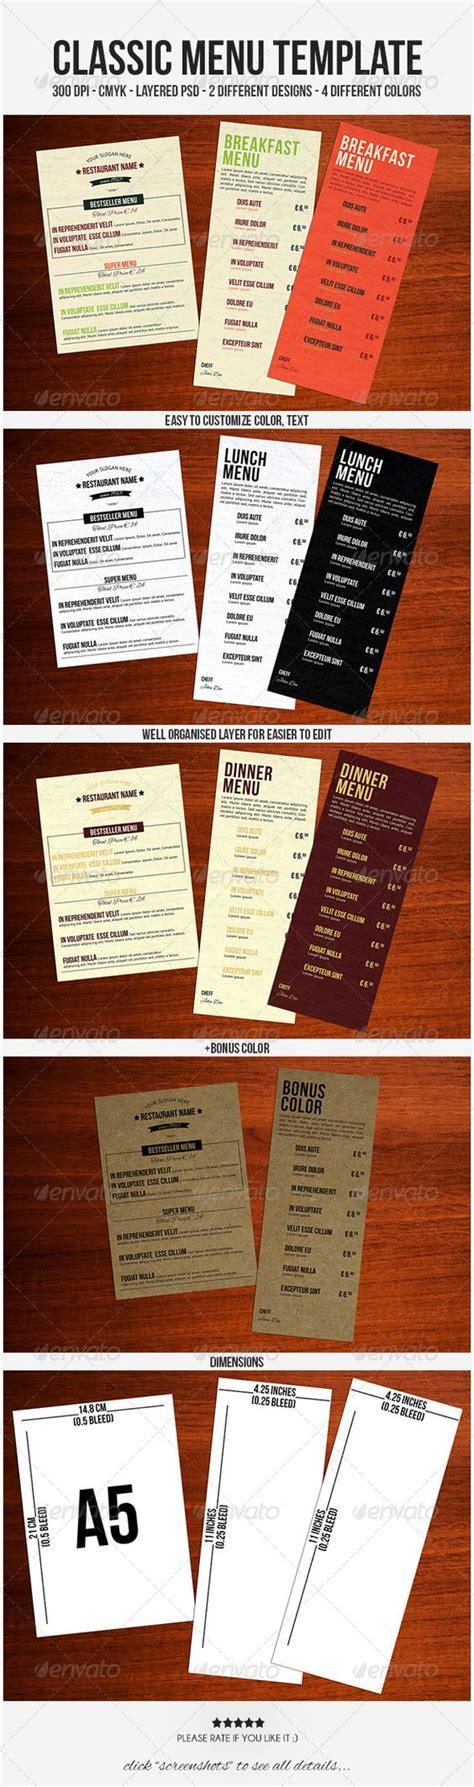 a5 menu template classic menu template and food menu on